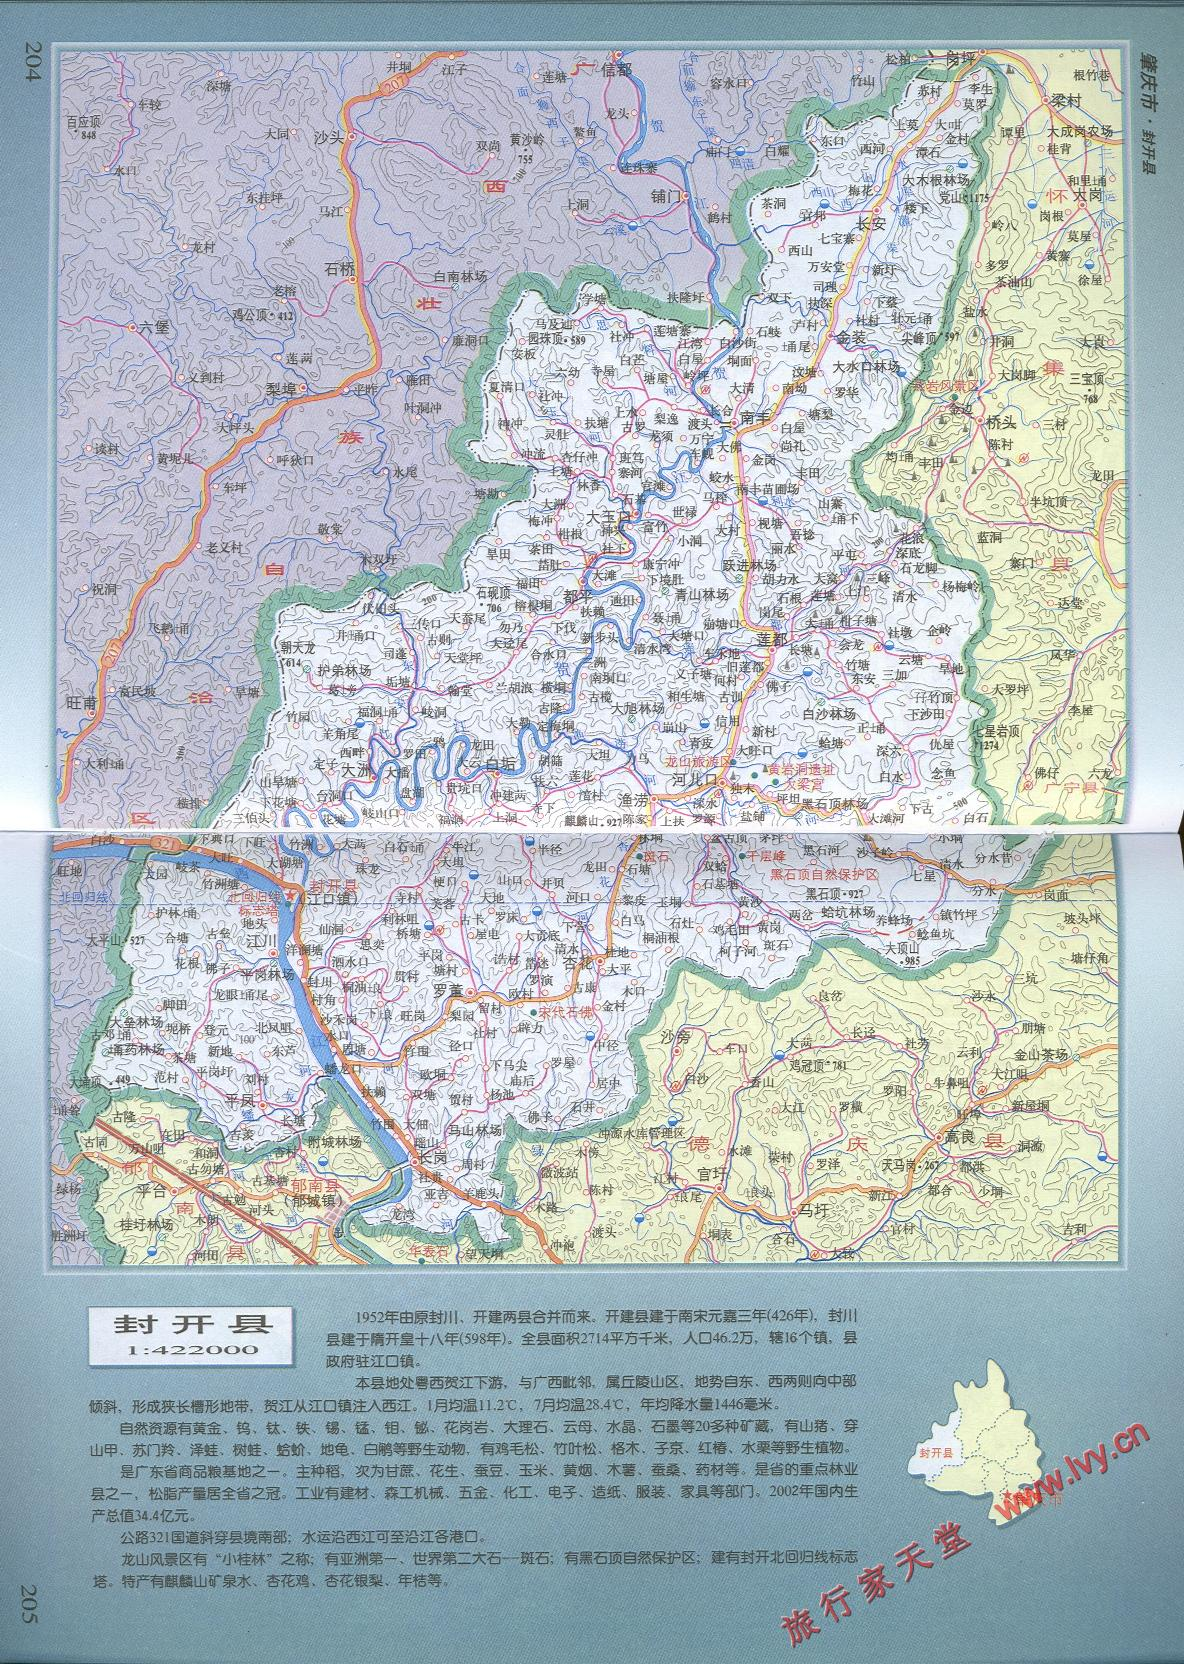 地图 肇庆/肇庆封开县地图